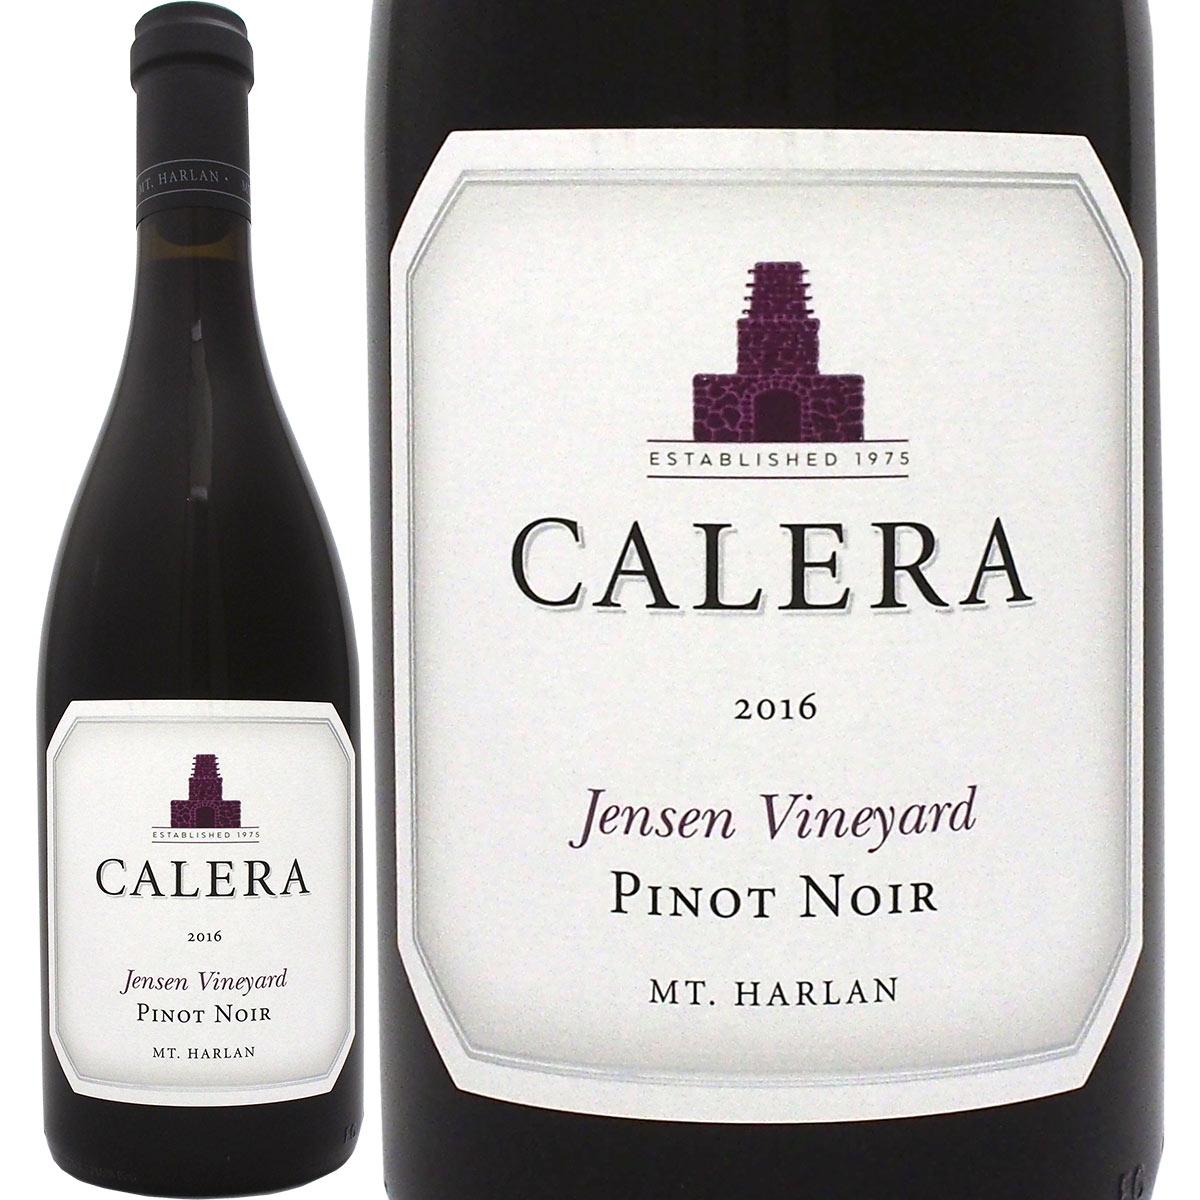 カレラ・ジェンセン・ピノ・ノワール 2016【赤ワイン】【750ml】【マウント・ハーラン】【ロマネ・コンティ】【Calera】